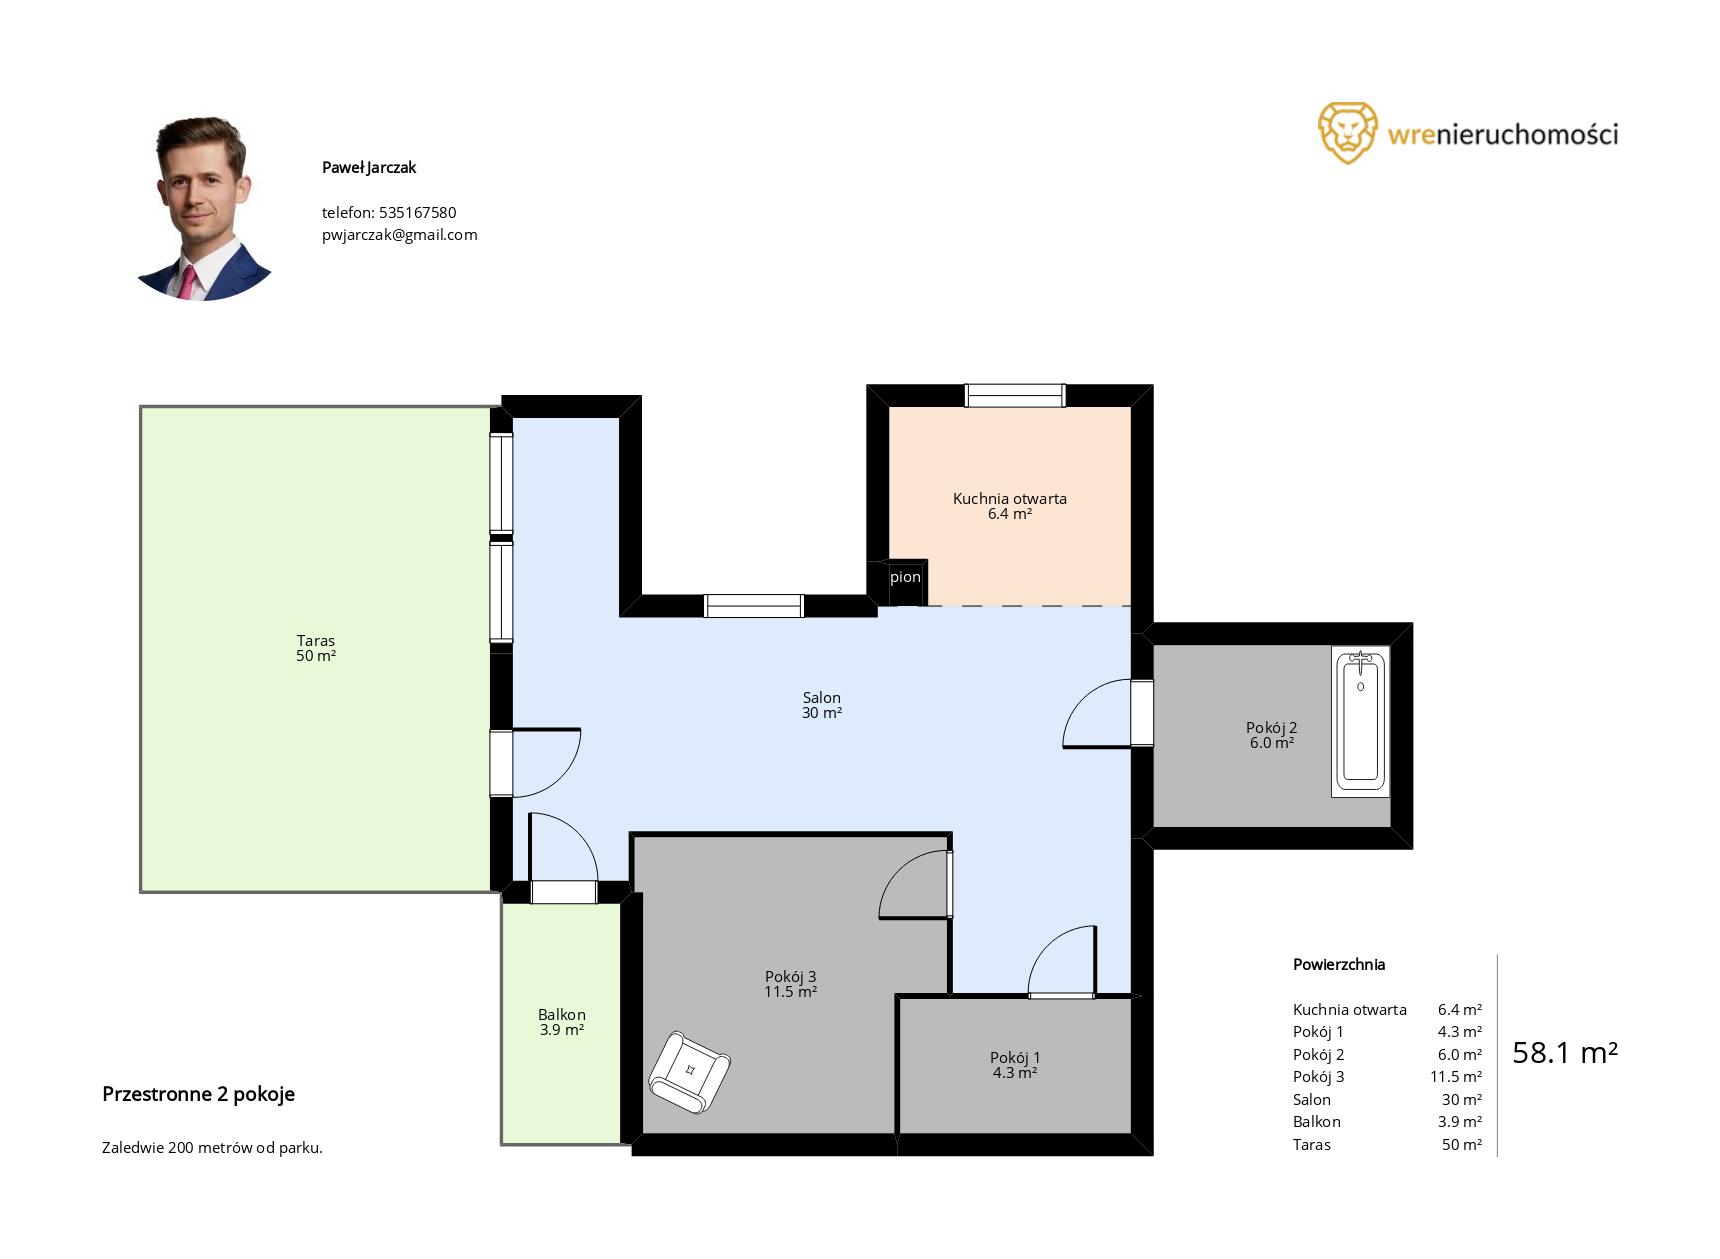 szablon planu mieszkania z opisem w programie do rzutów